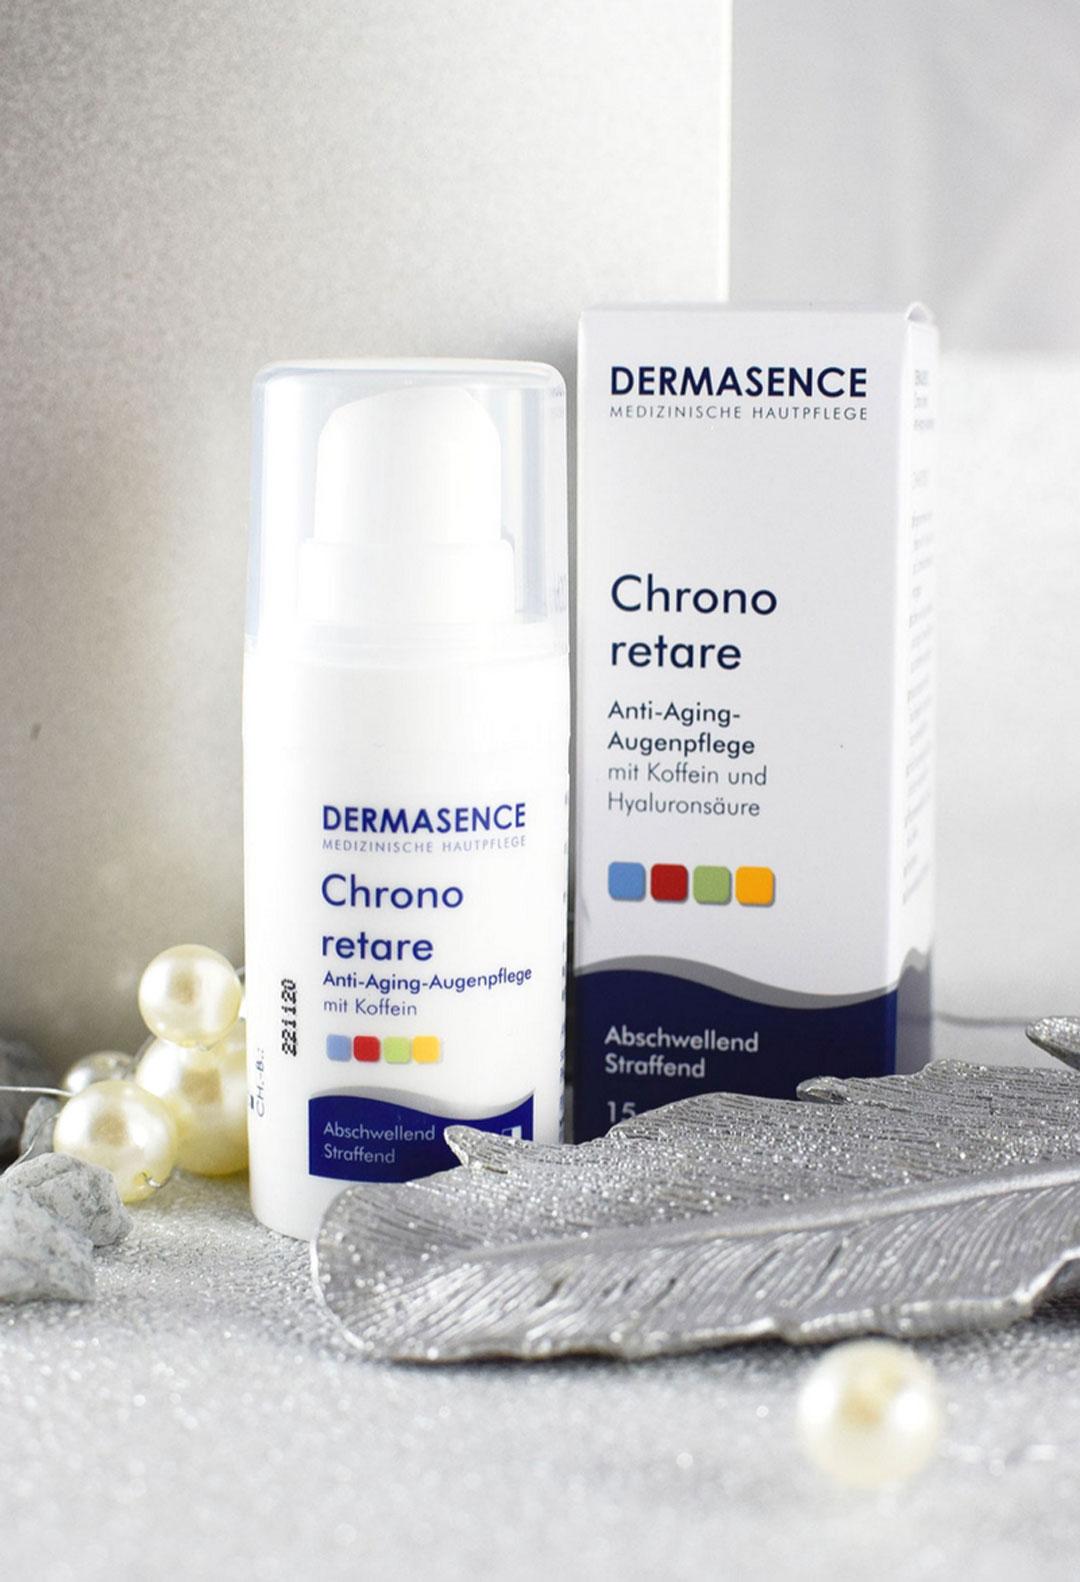 neue Pflege von Dermasence, Dermasence Chrono retare Anti Aging